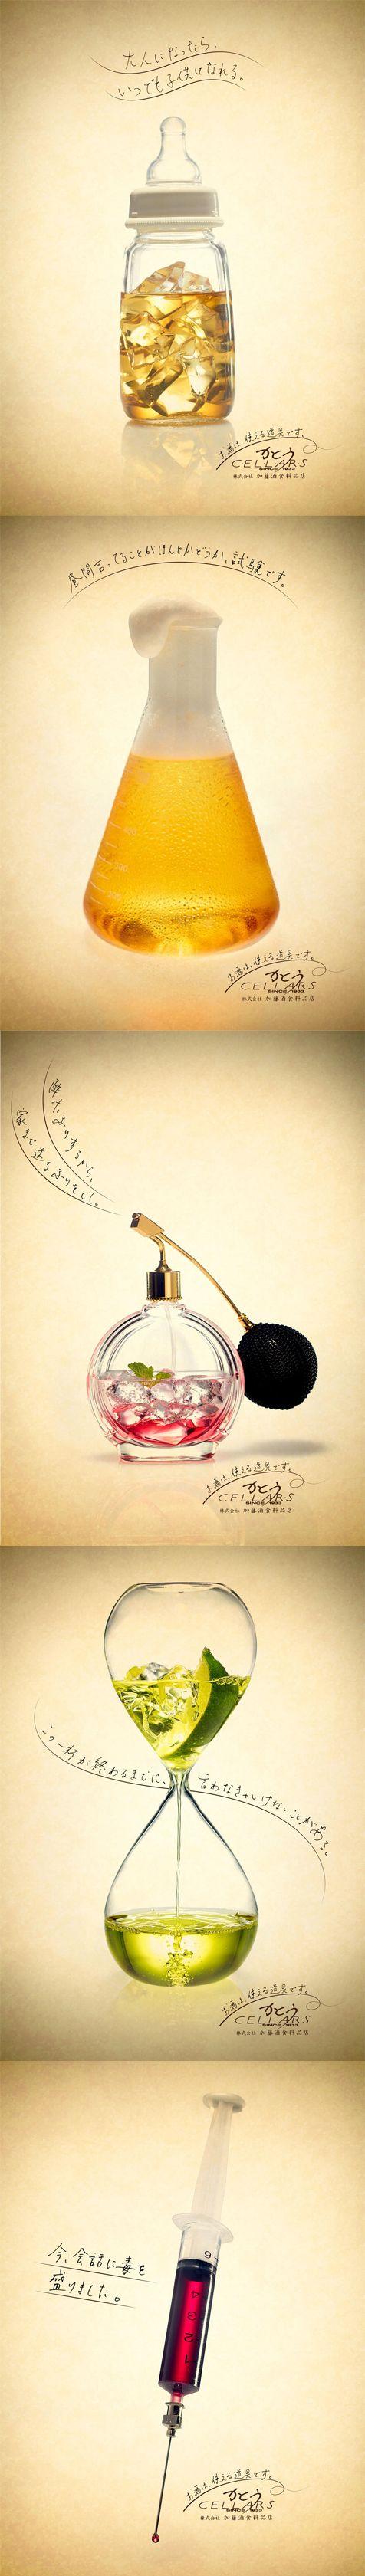 お酒は、使える道具です。 文の里商店街 poster|CELLARS kato